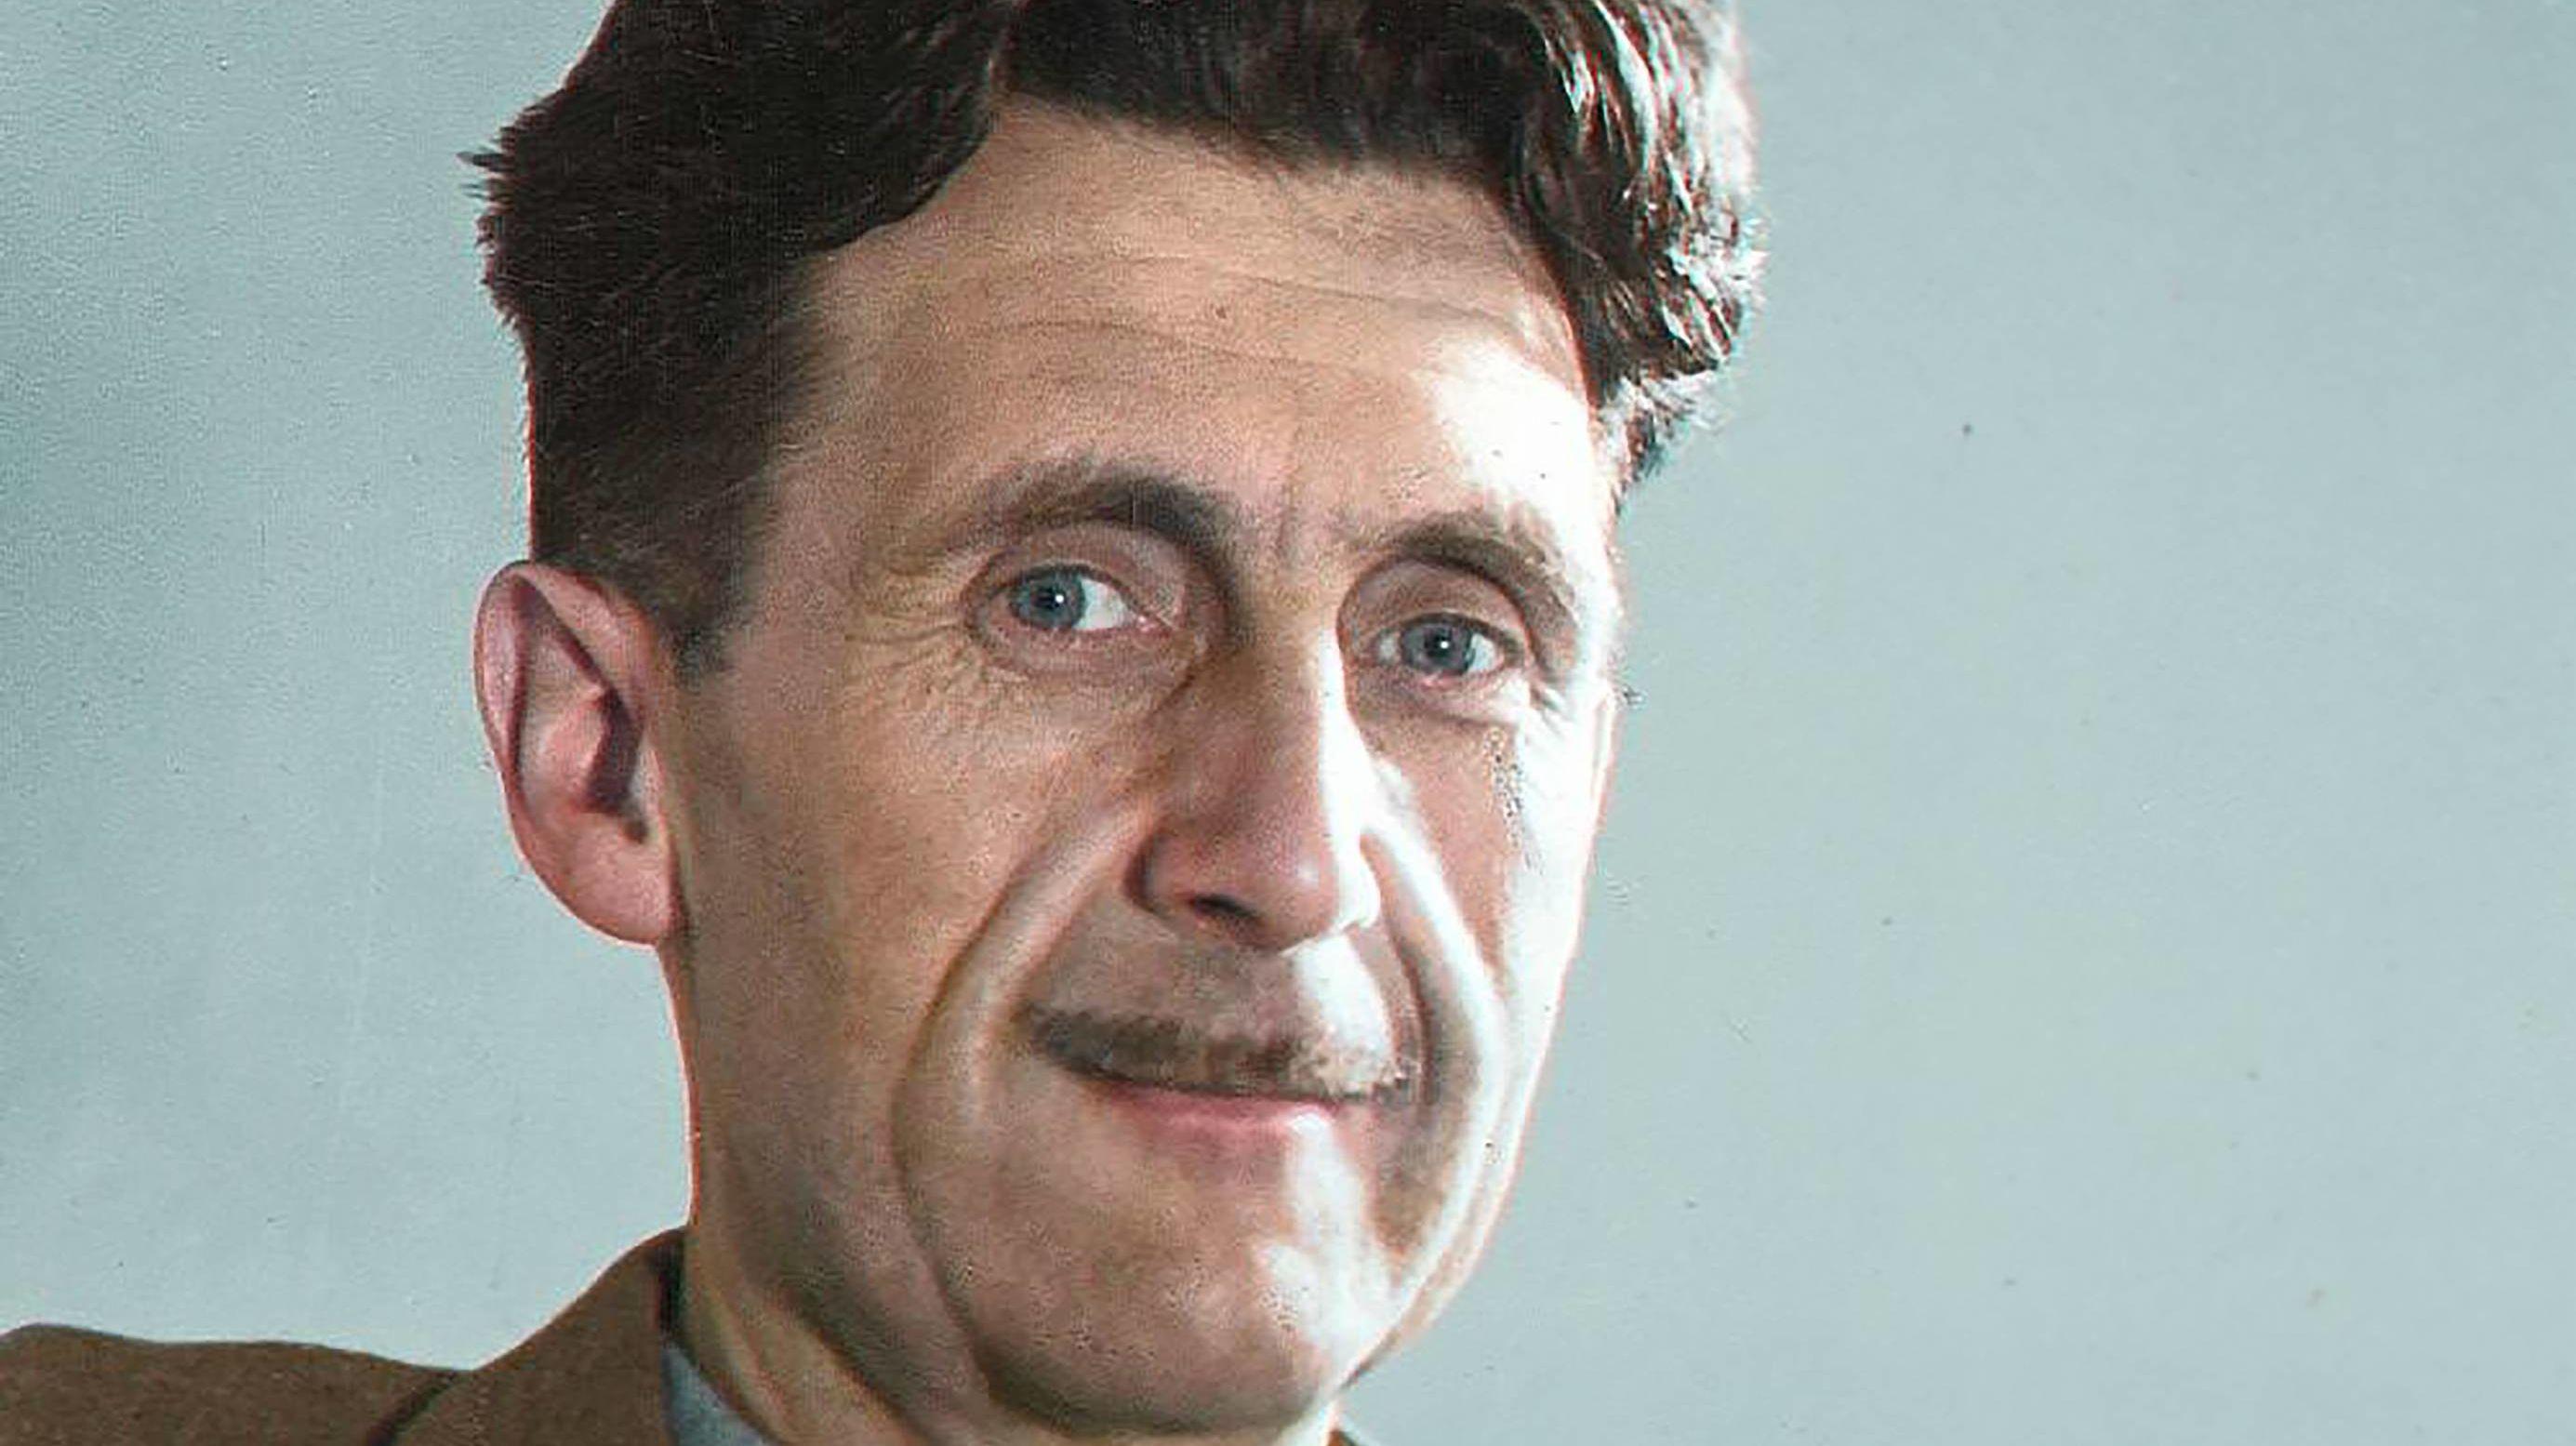 Revista YUME   ¿Qué leer? Rebelión en la granja, de George Orwell